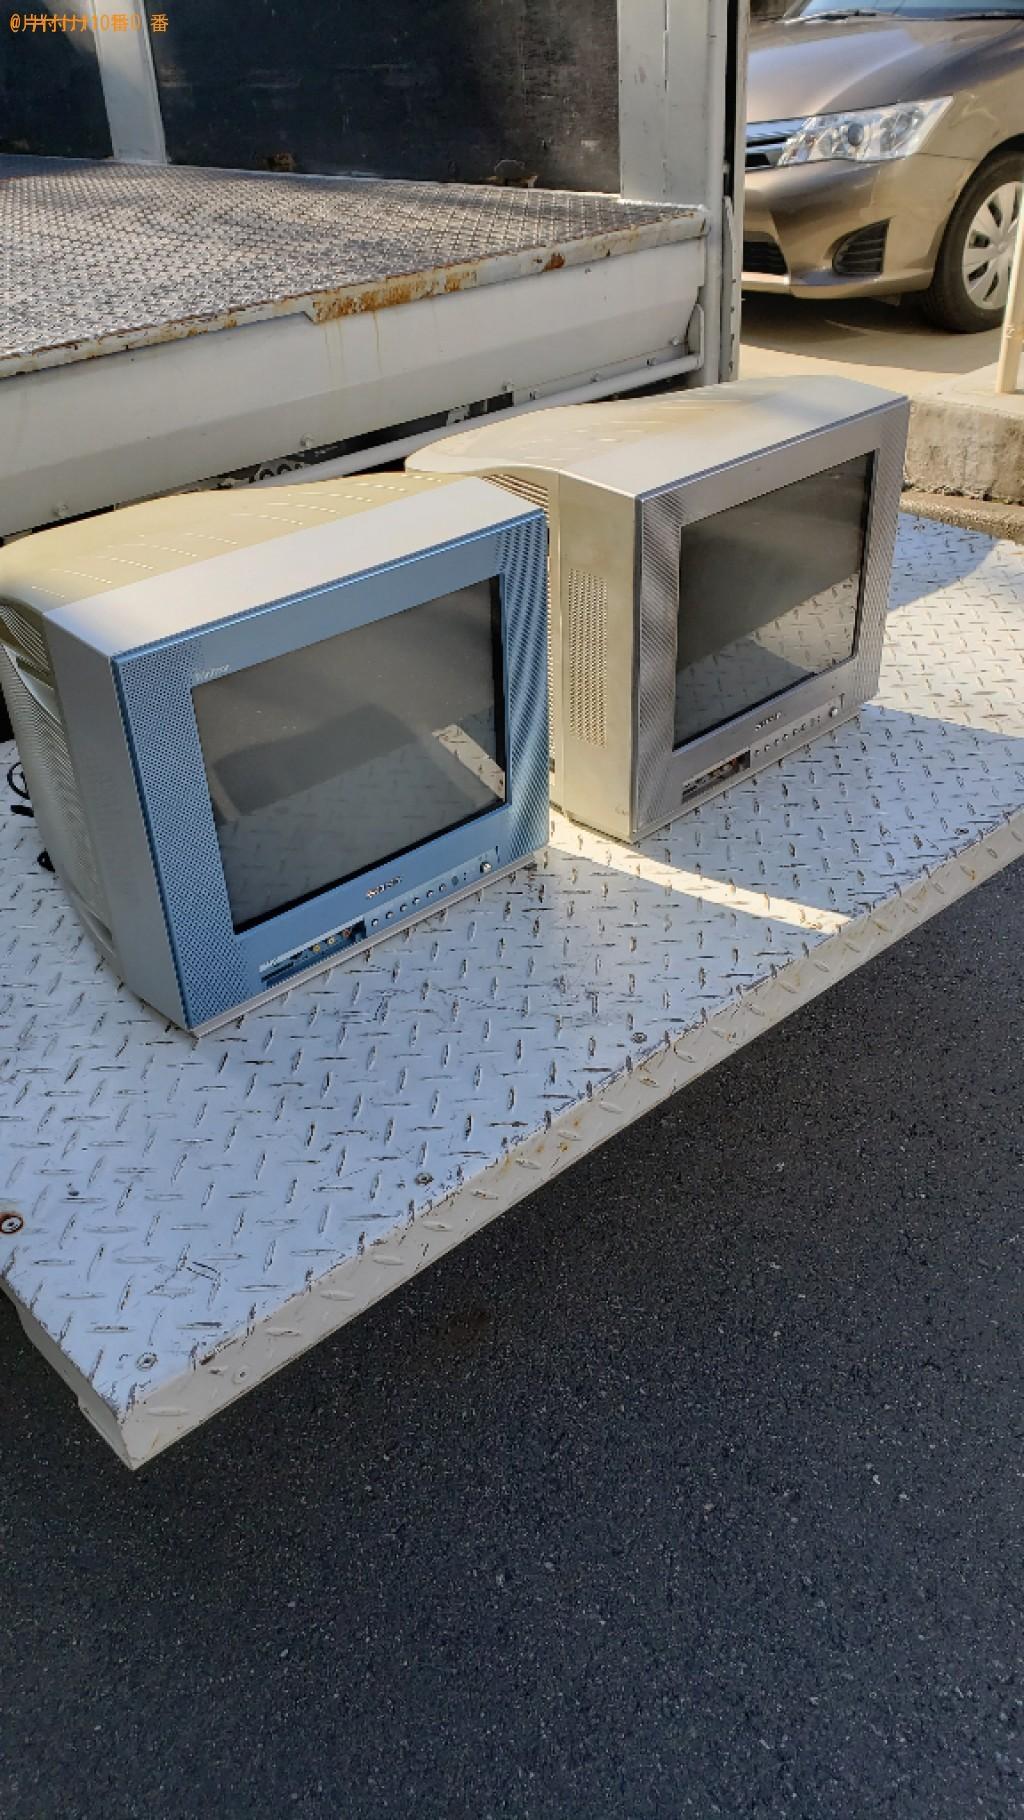 【練馬区】15型以下テレビの出張不用品回収・処分ご依頼